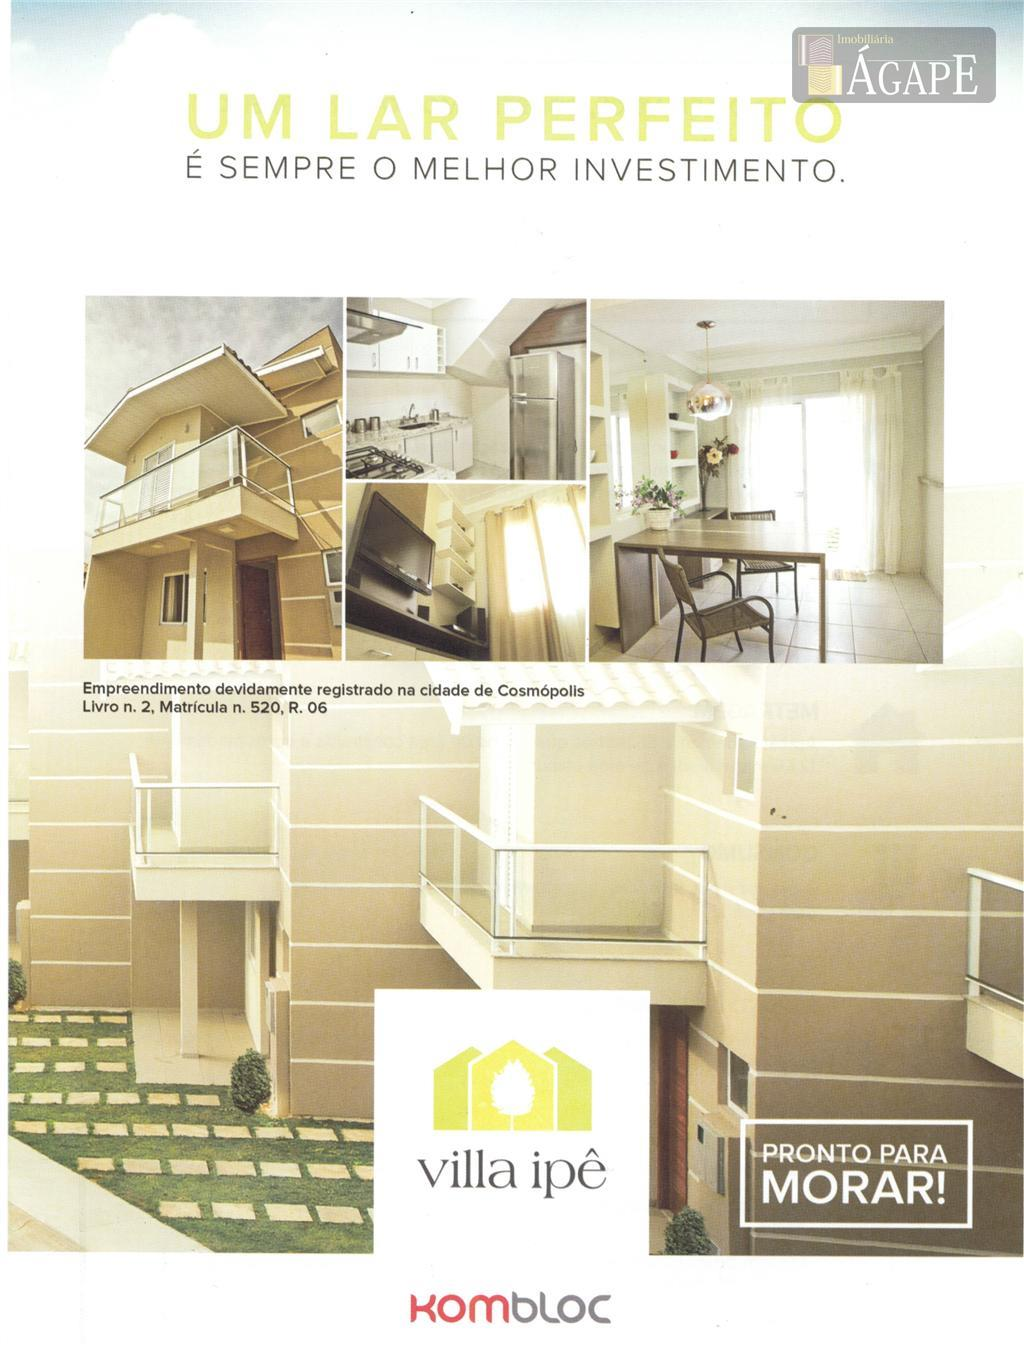 Sobrado residencial à venda, Bela Vista IV, Cosmópolis.